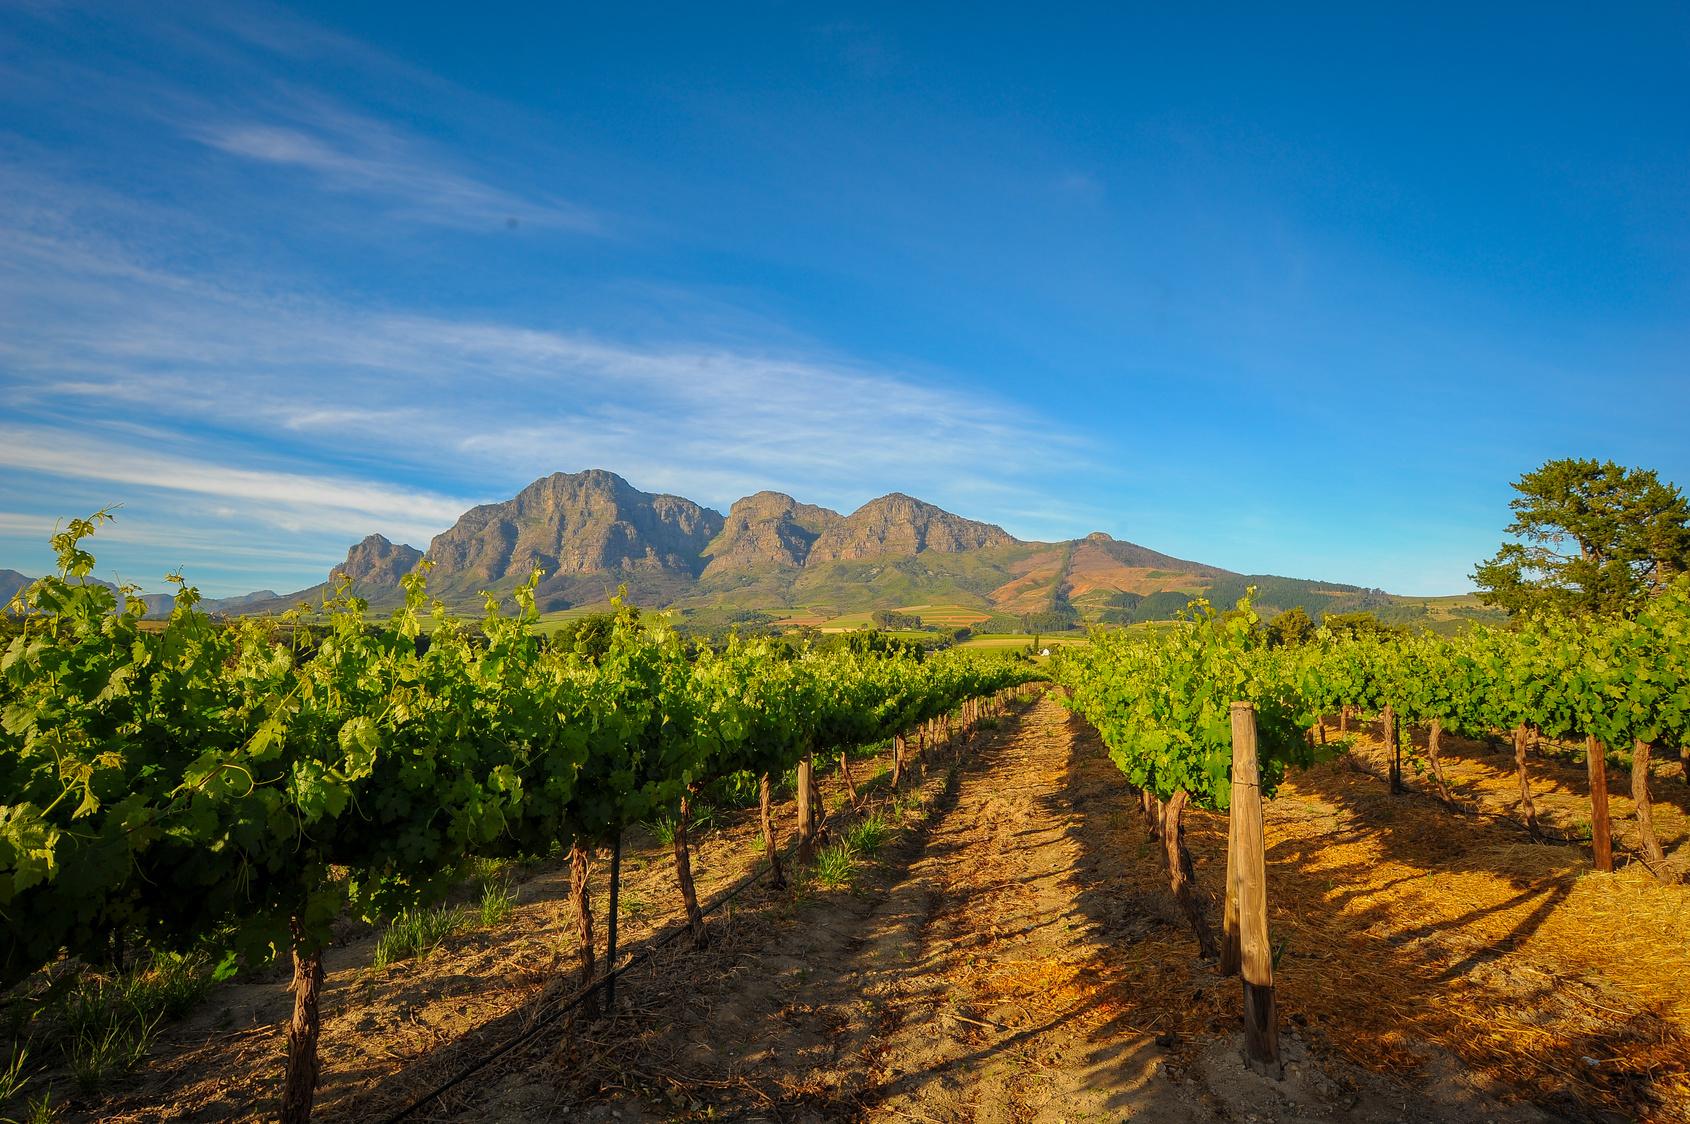 Weinreben in Südafrika vor strahlend blauem Himmel